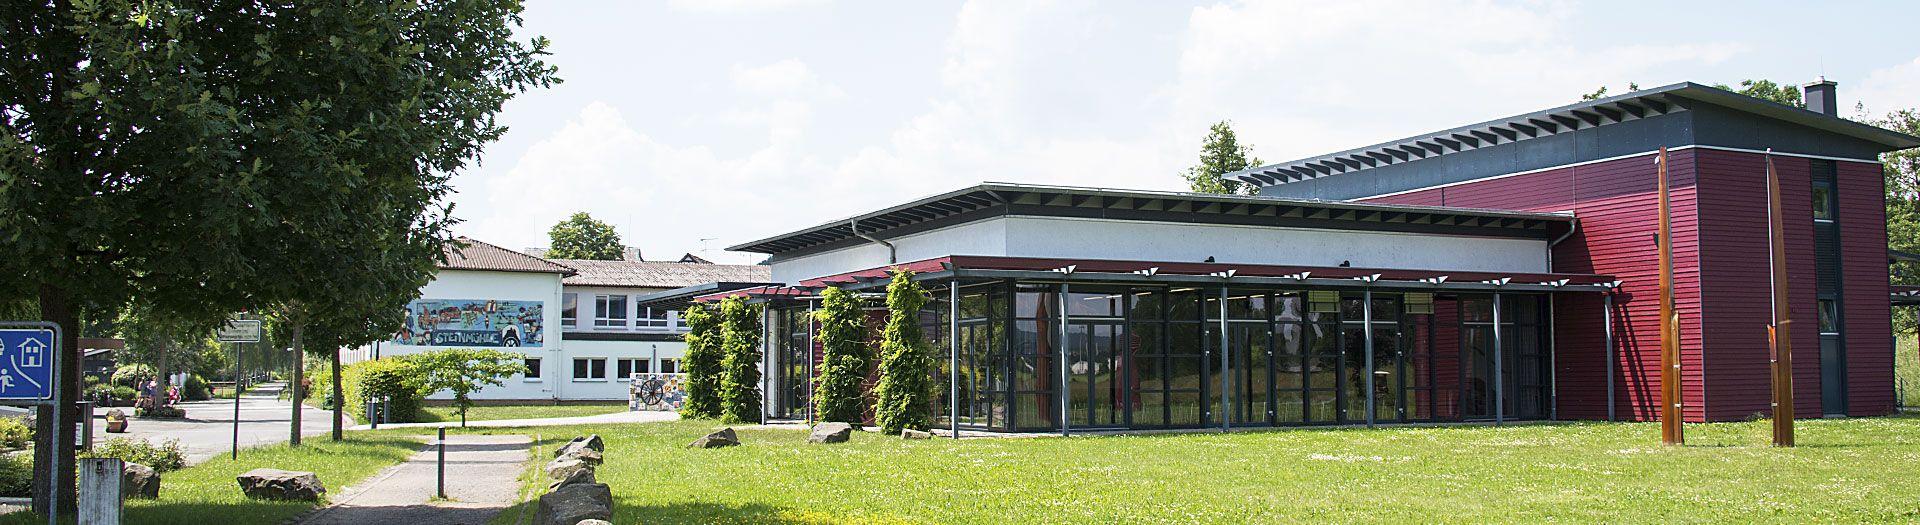 internat landschulheim steinmühle von außen in marburg, hessen